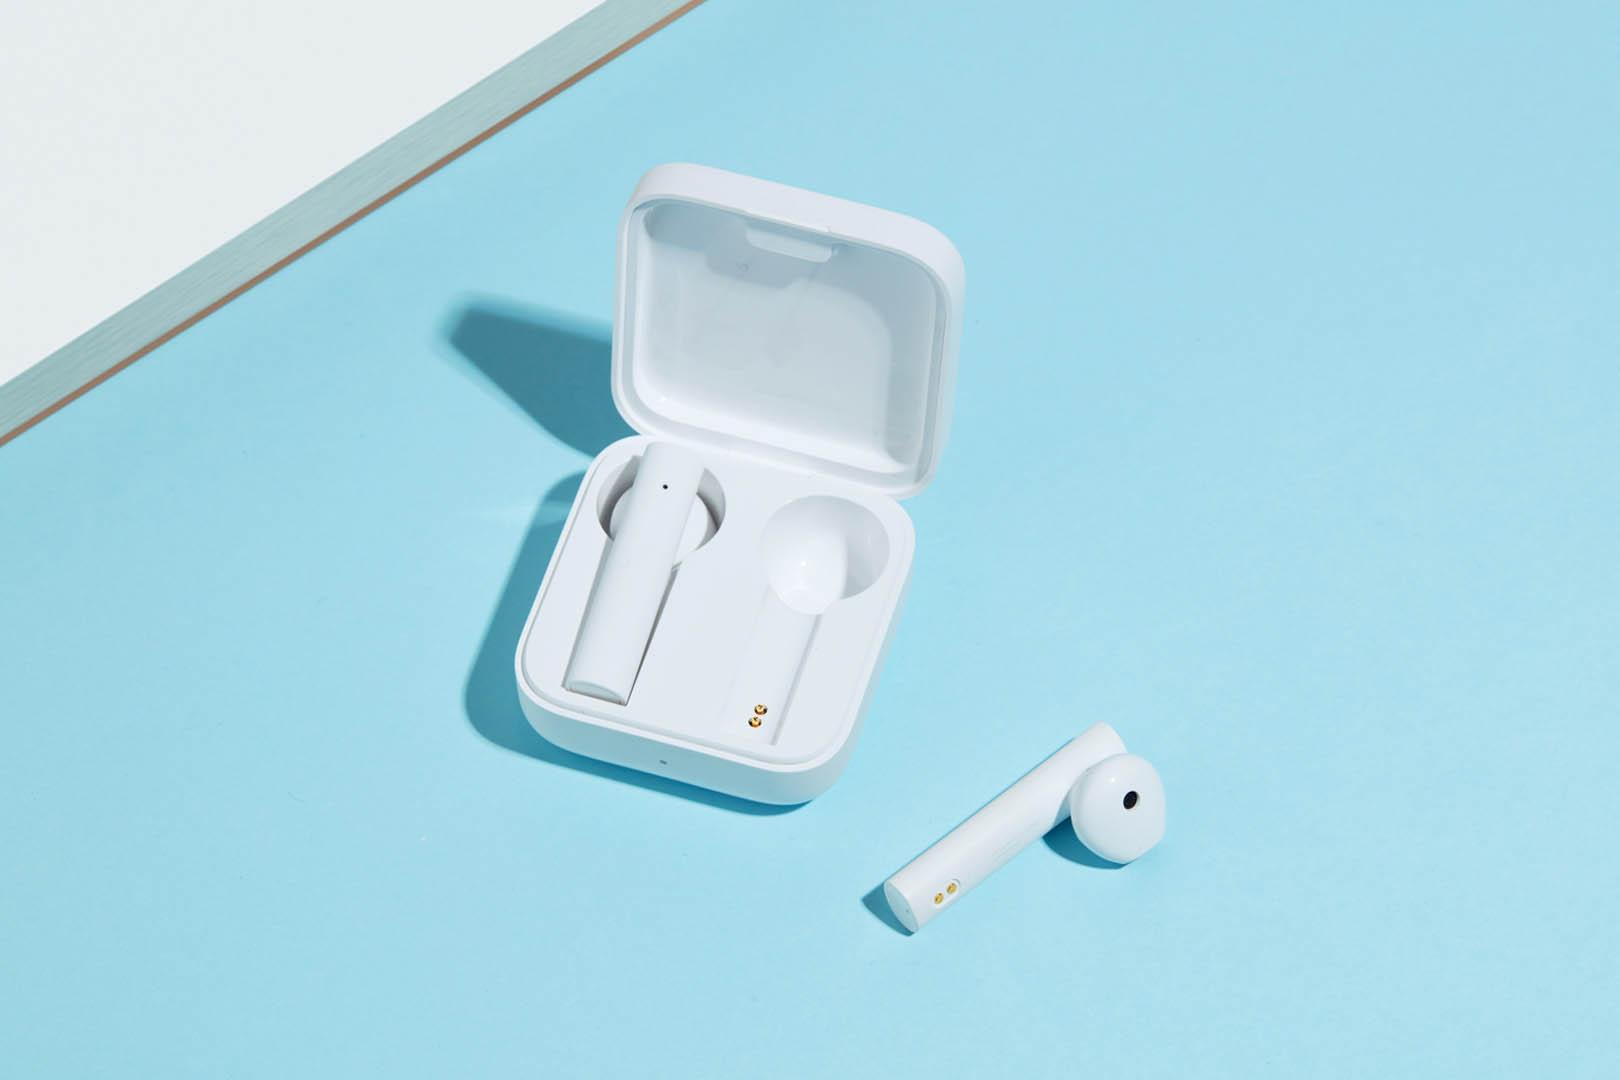 Mi True Wireless Earphones 2 Basic ufficiali, con cancellazione del rumore e durata fino a 20 ore 4